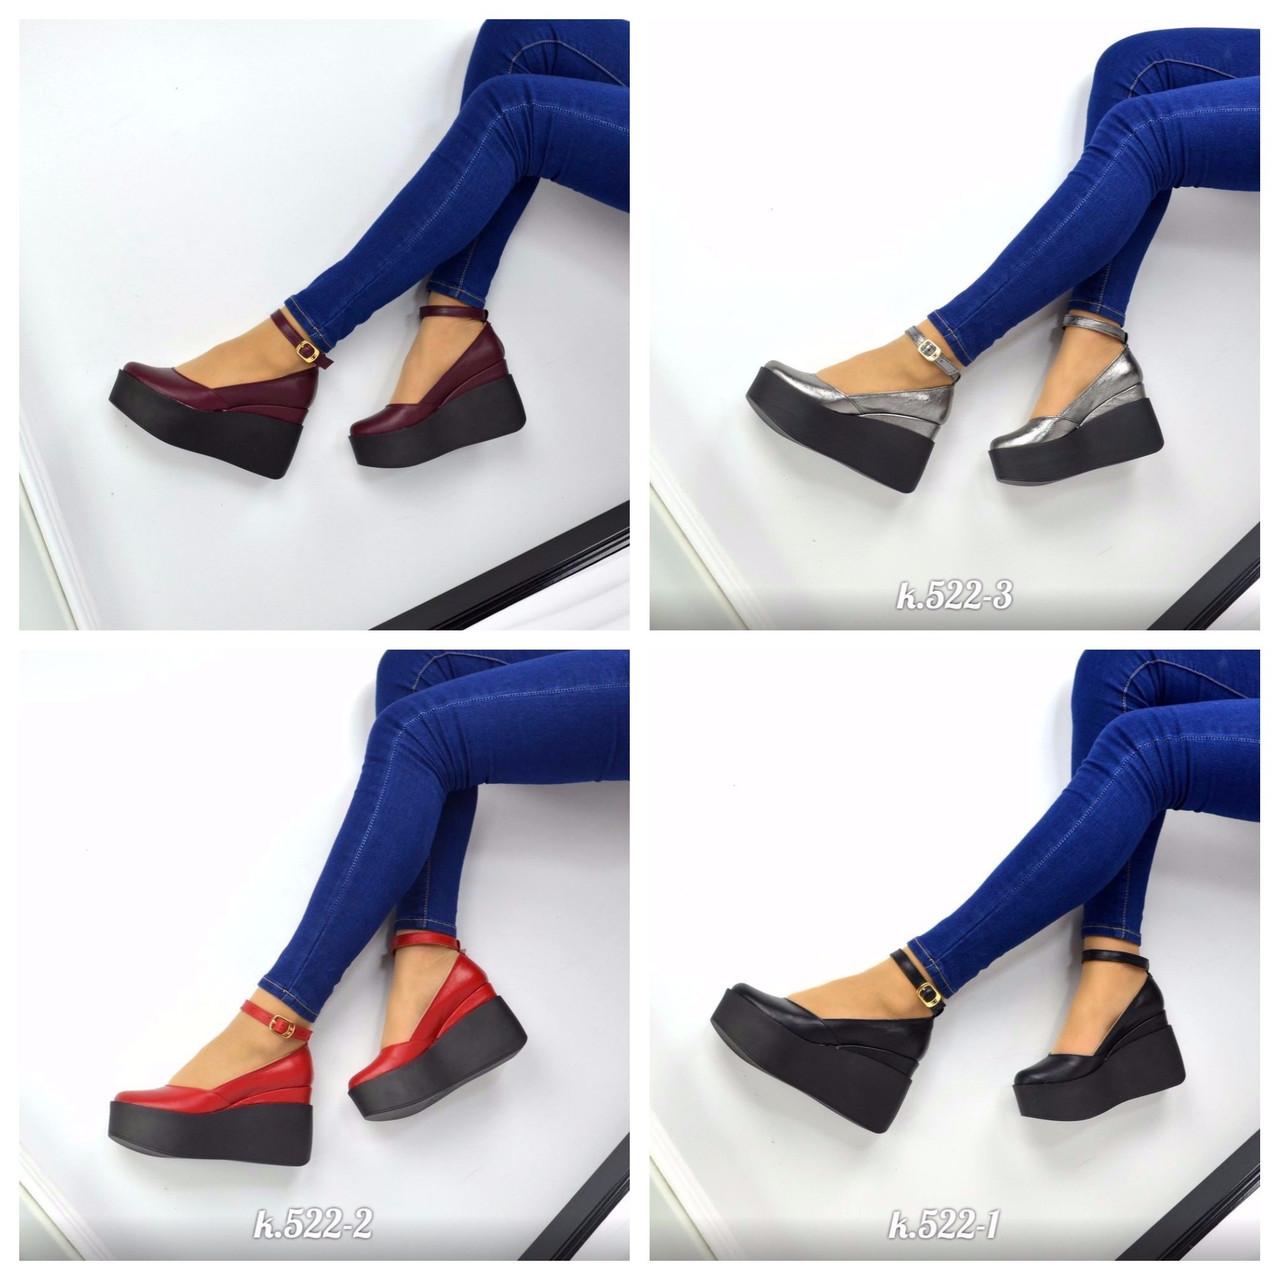 fa759bd4c Туфли на платформе с пряжкой, Натуральная кожа, внутри кожа, цвет -  СЛИВОВЫЙ,